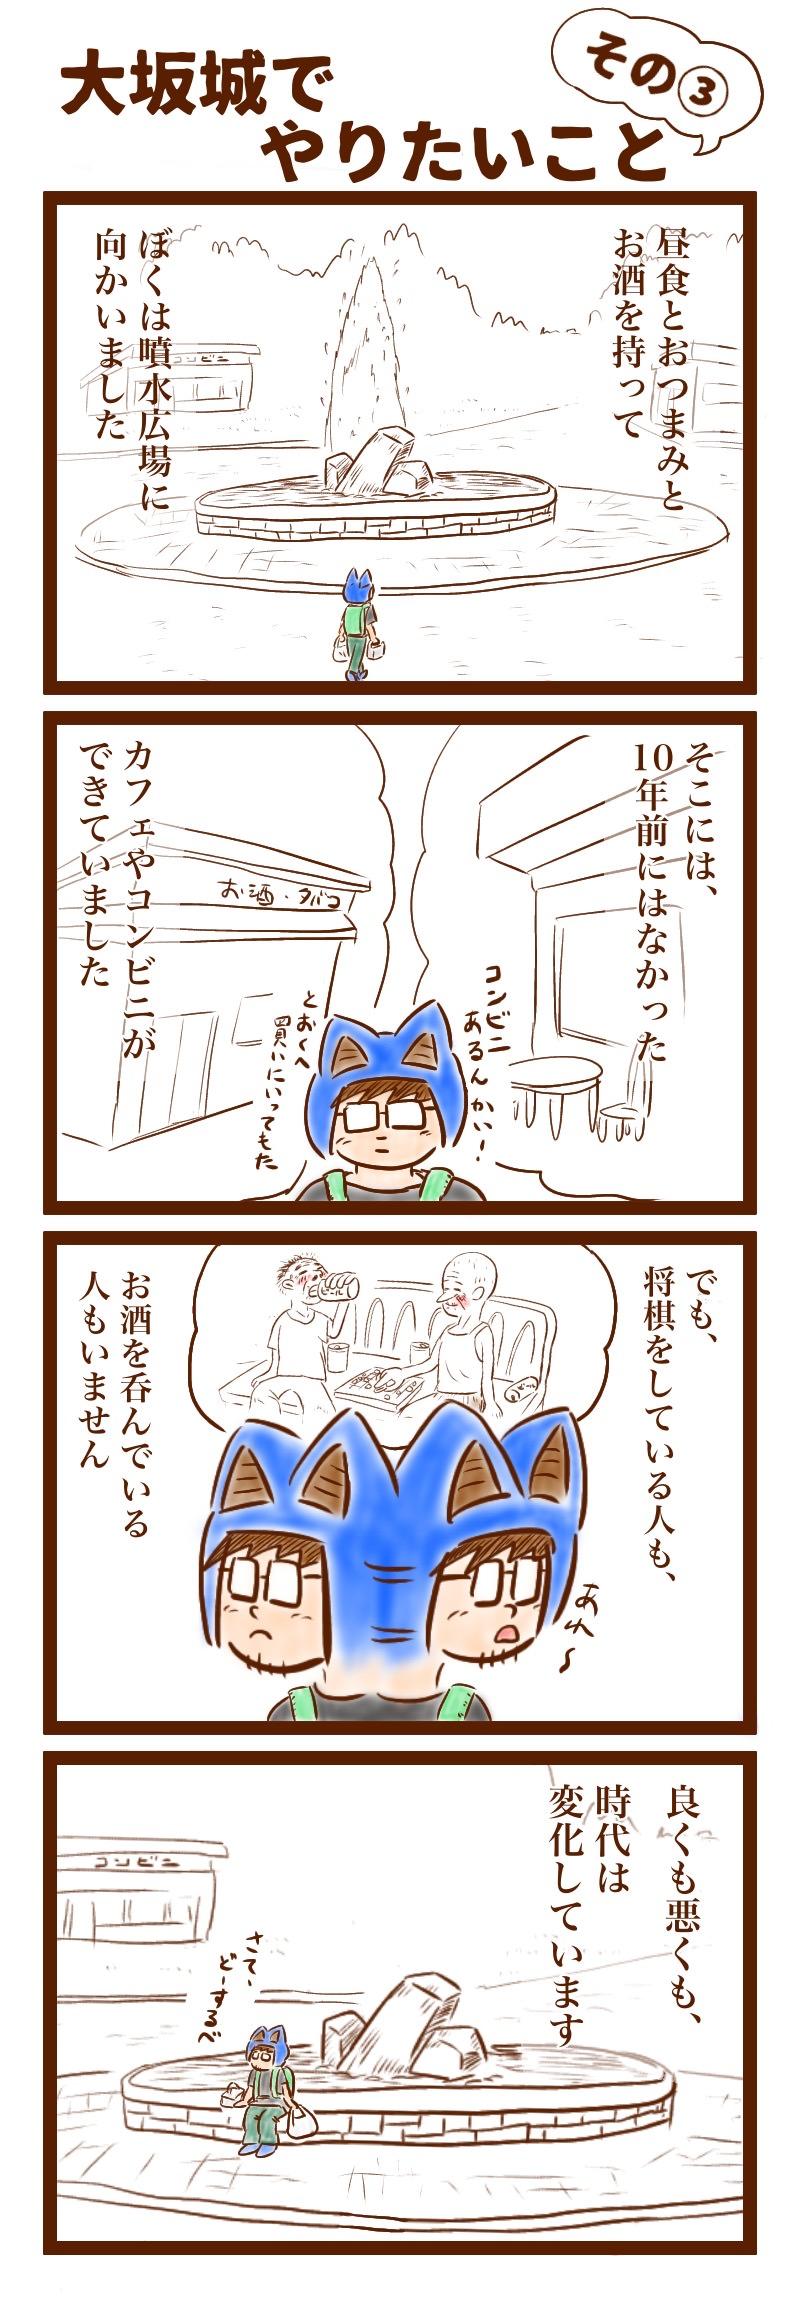 大阪城でやりたいこと3